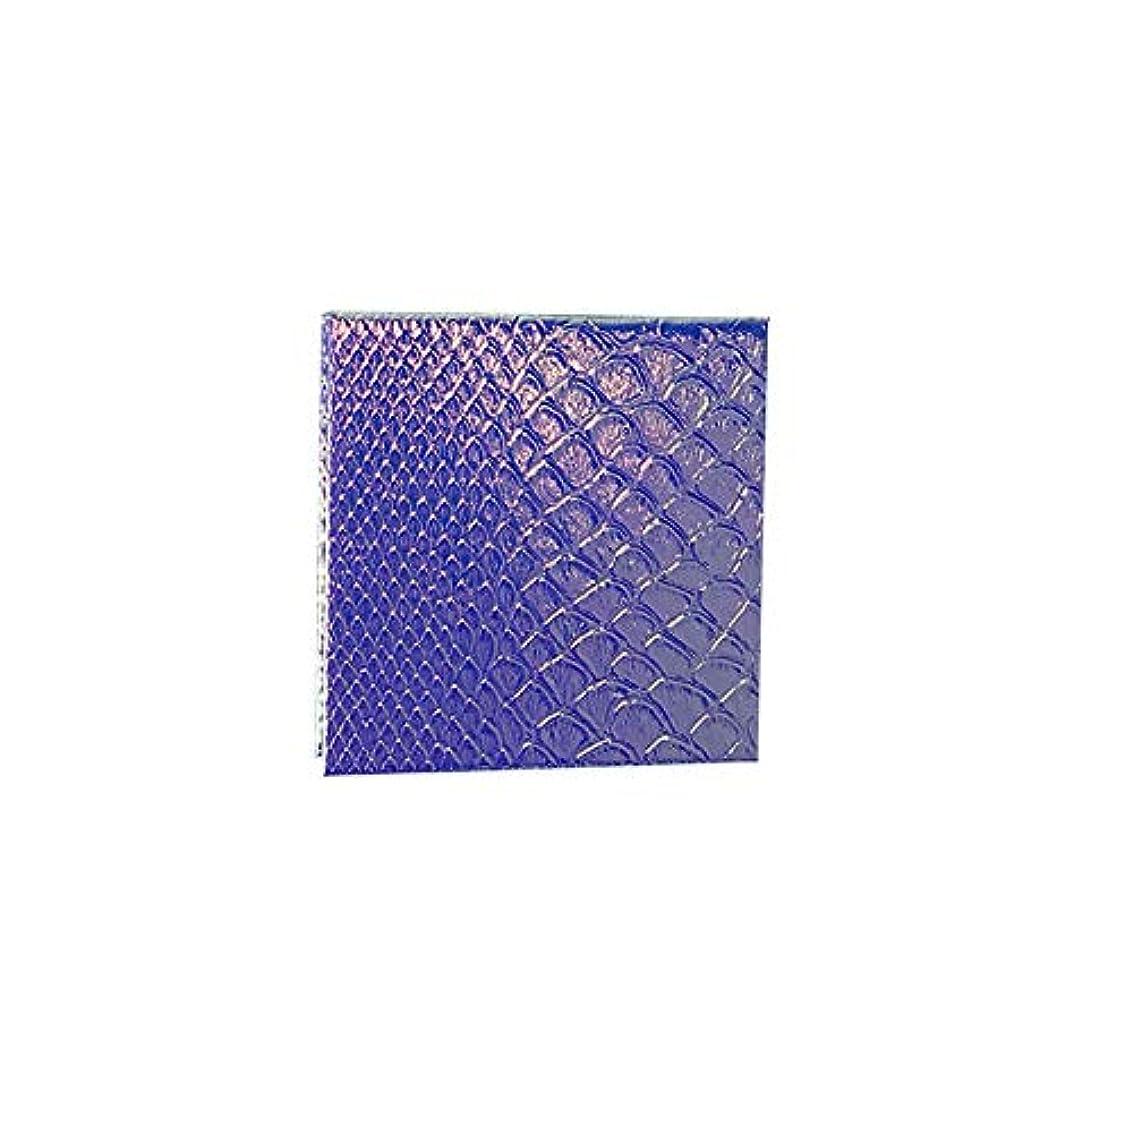 白菜胃一方、空の化粧アイシャドーパレット磁気空パレット接着剤空のパレット金属ステッカー空のパレットキット(S)